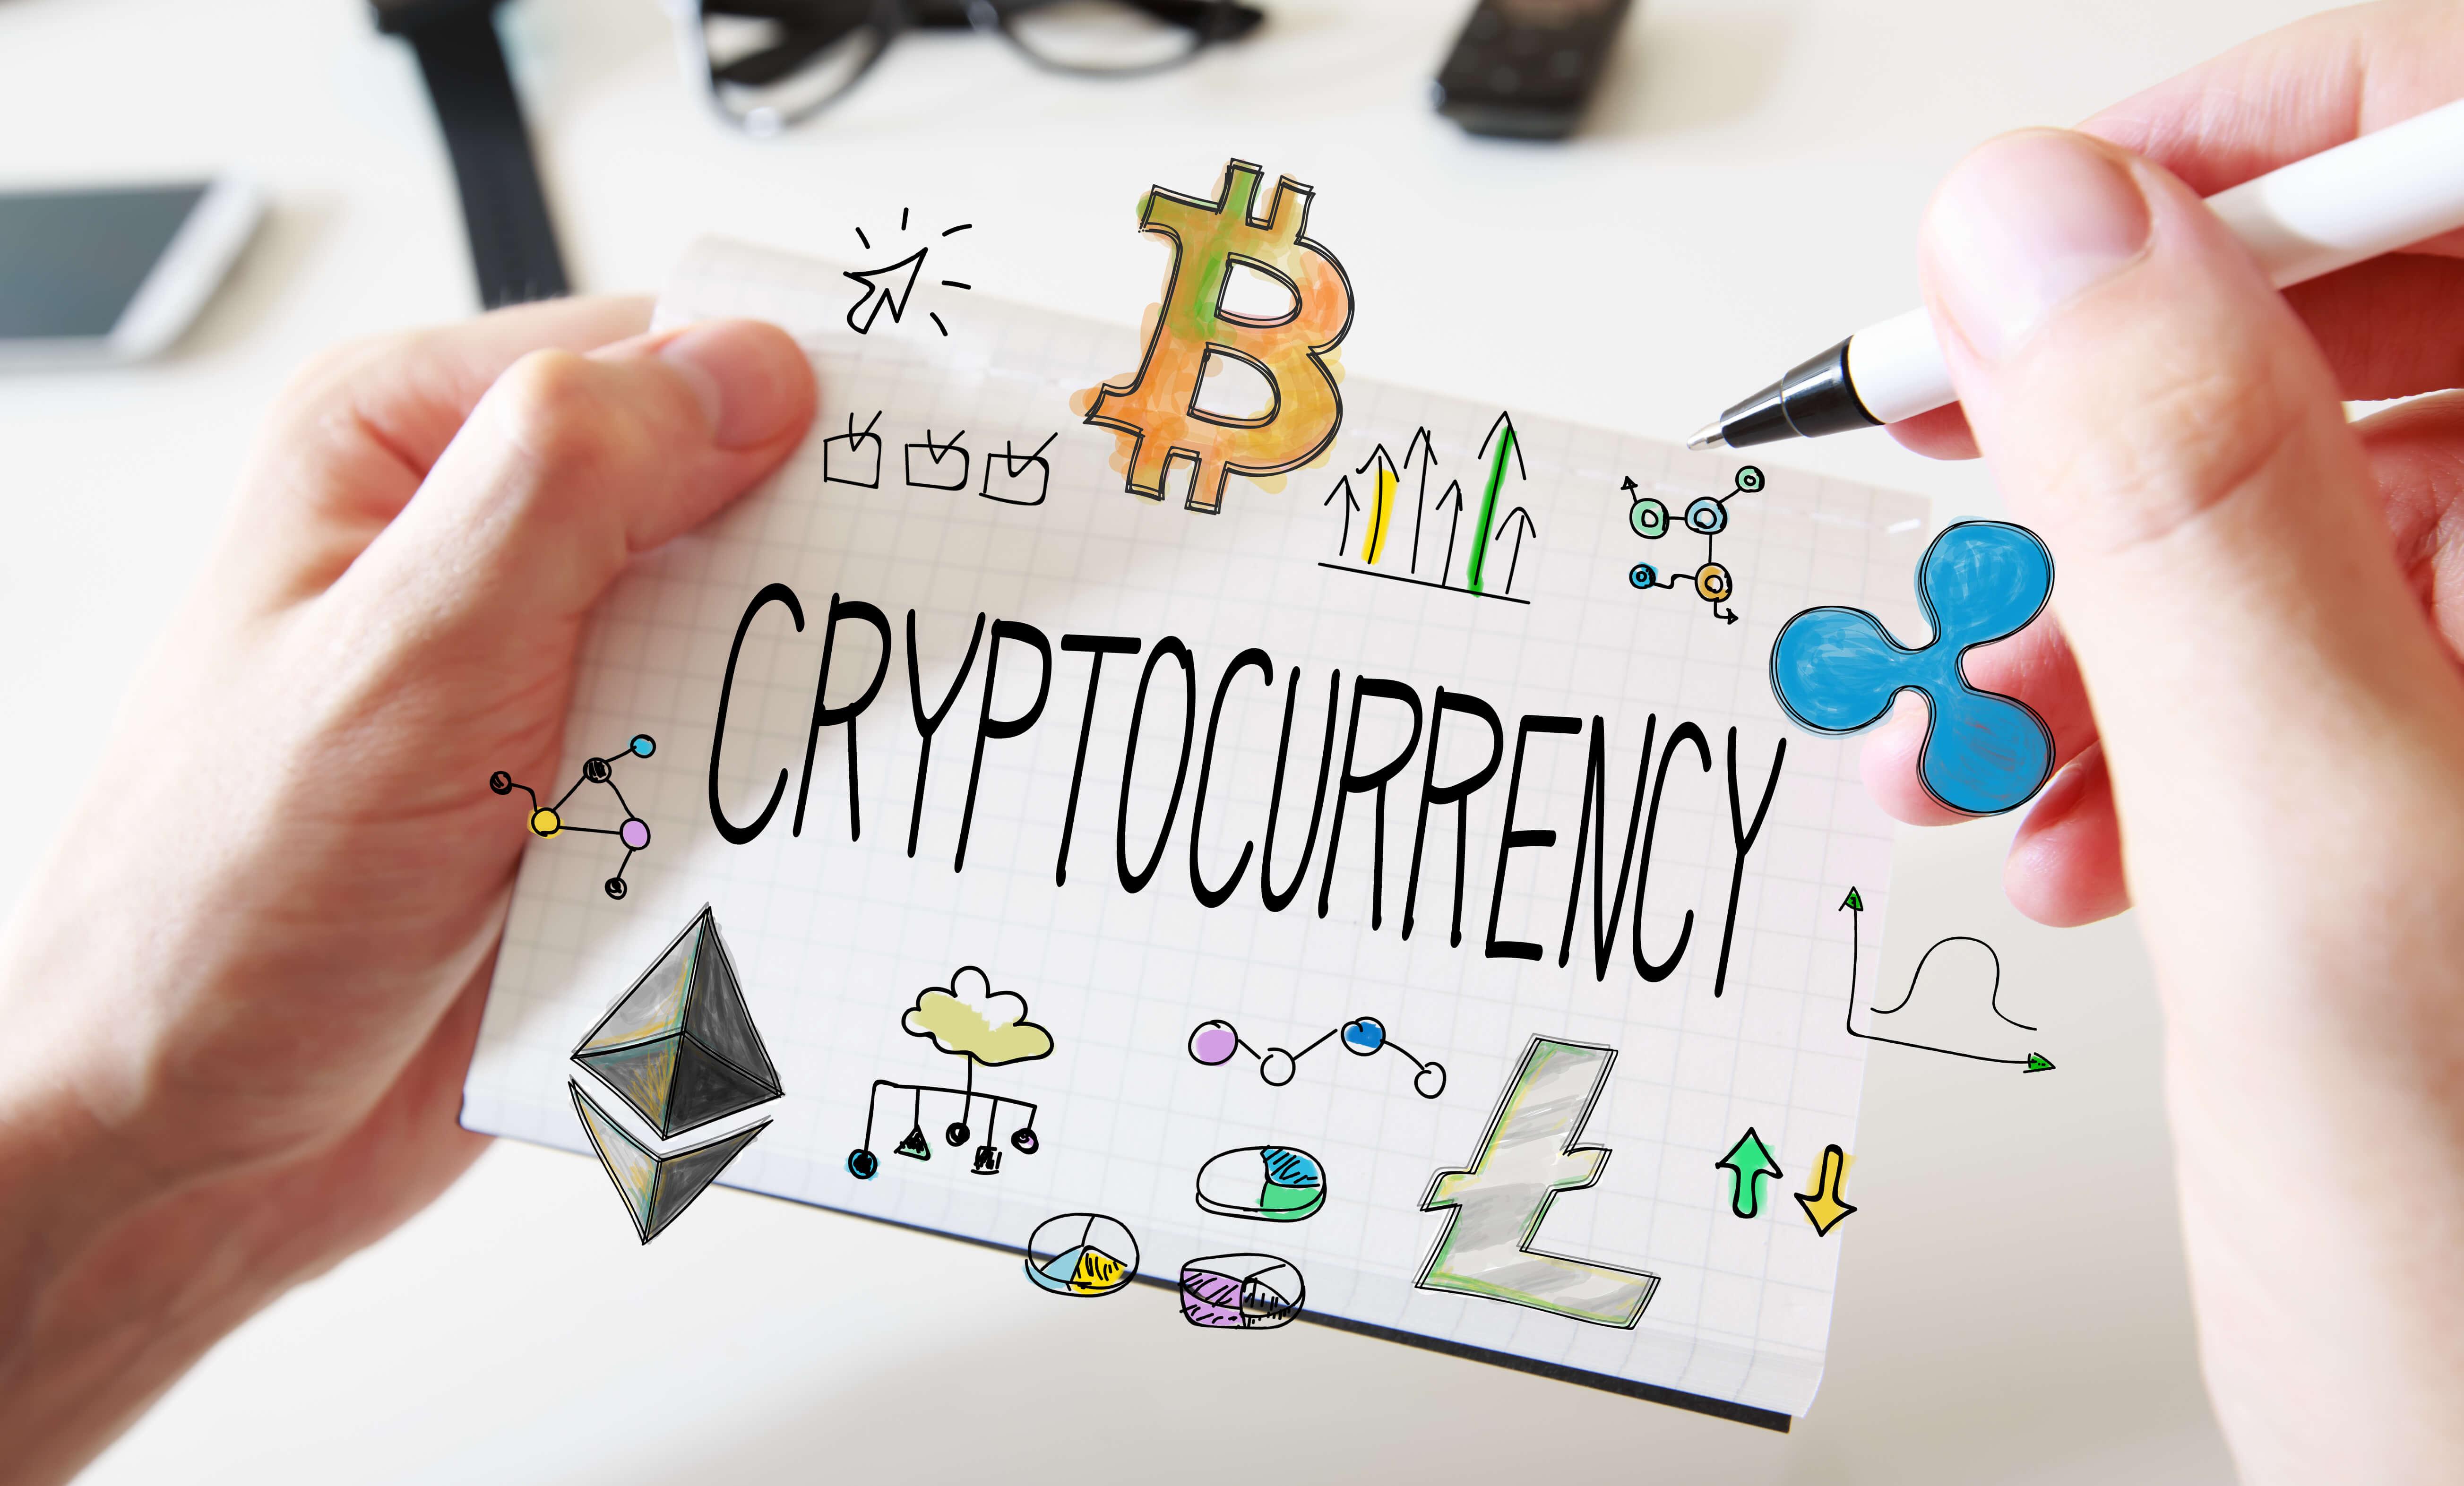 仮想通貨とは何か?初心者にもわかりやすく解説【漫画付き】